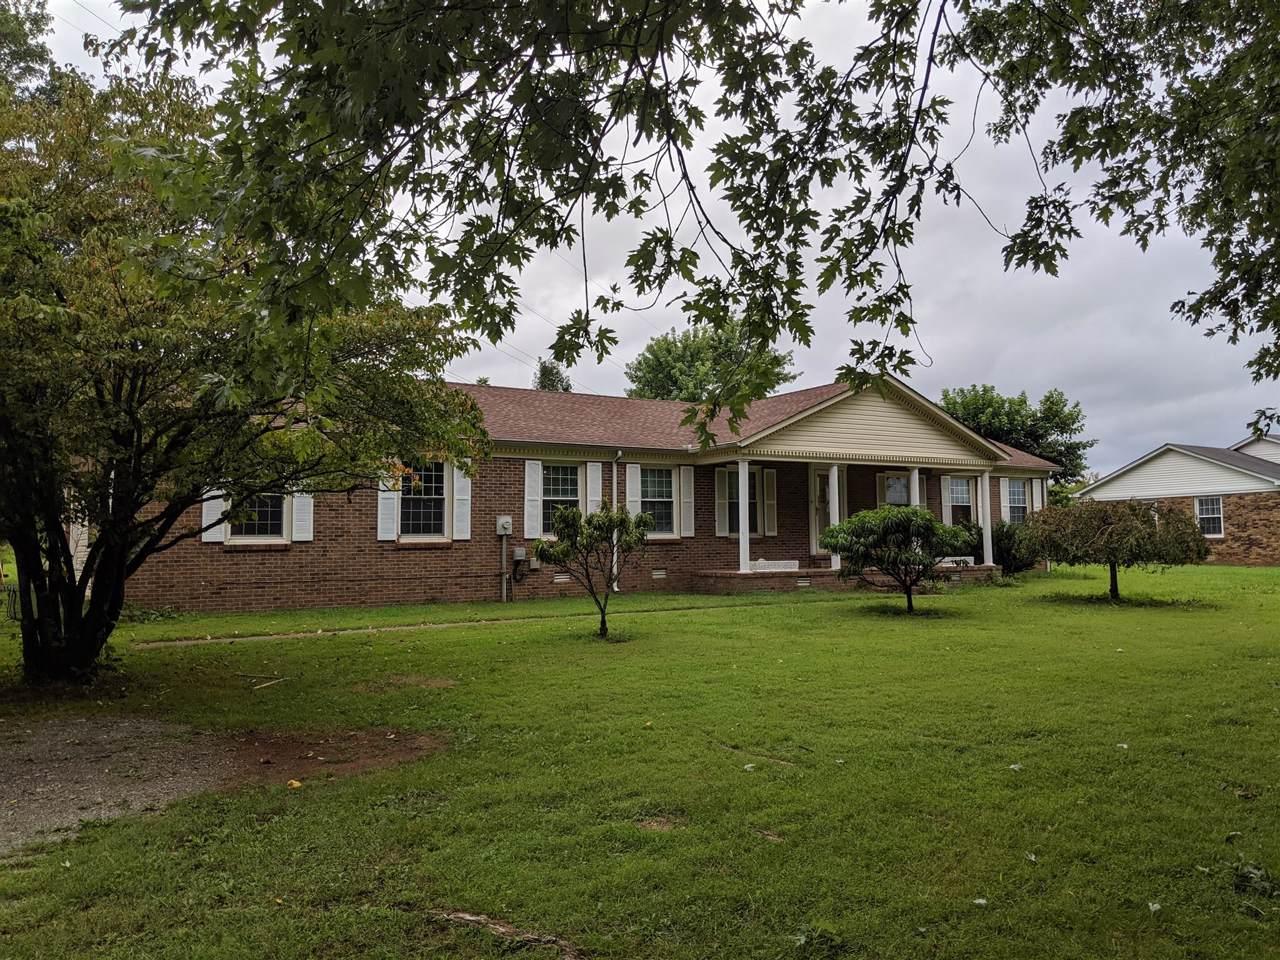 1530 Murfreesboro Rd - Photo 1